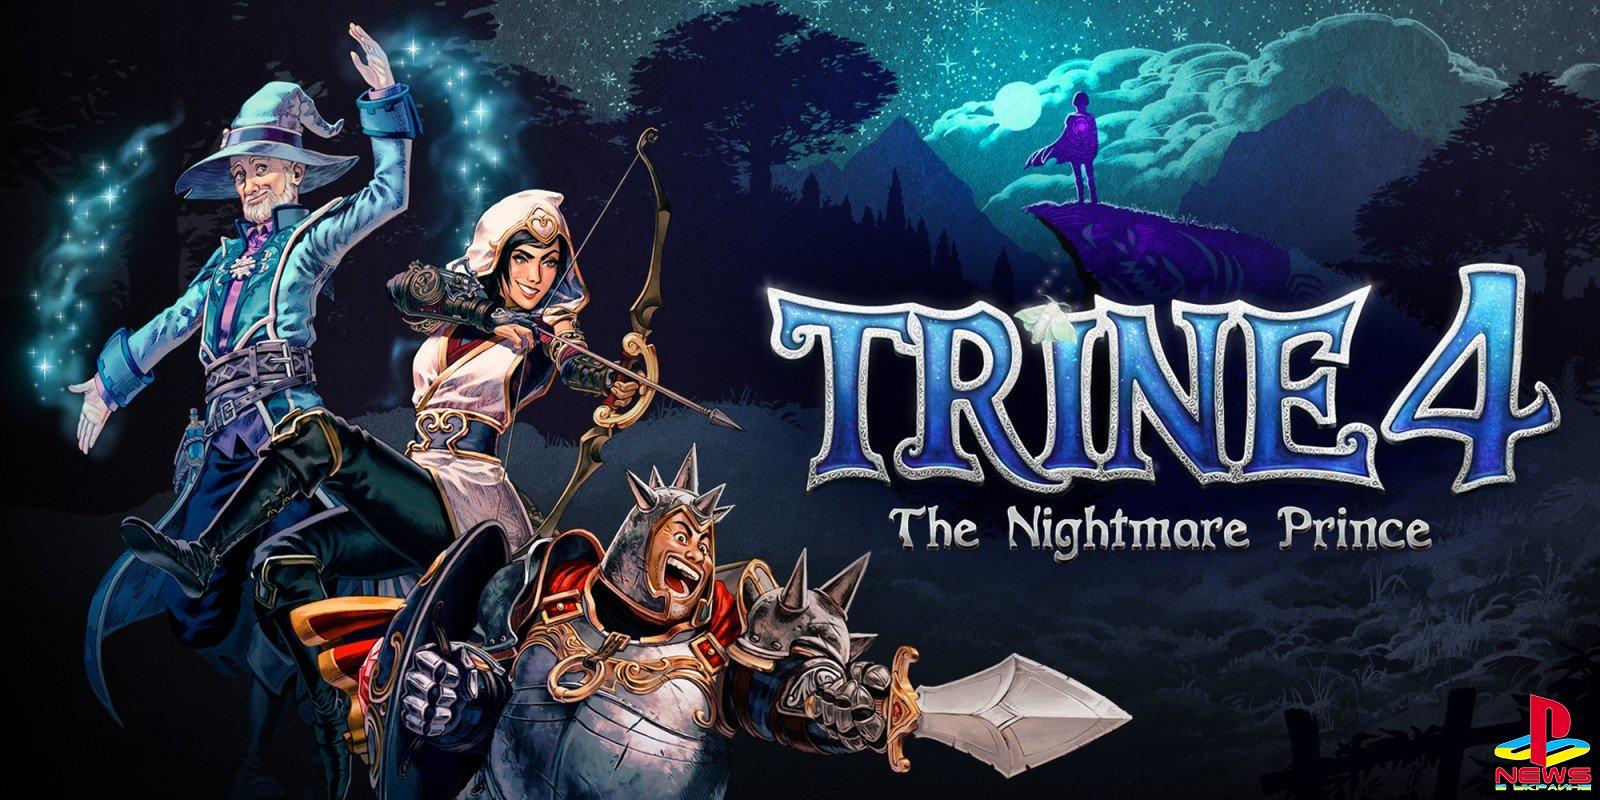 Оценки Trine 4 – хорошее продолжение серии, но без оригинальных идей